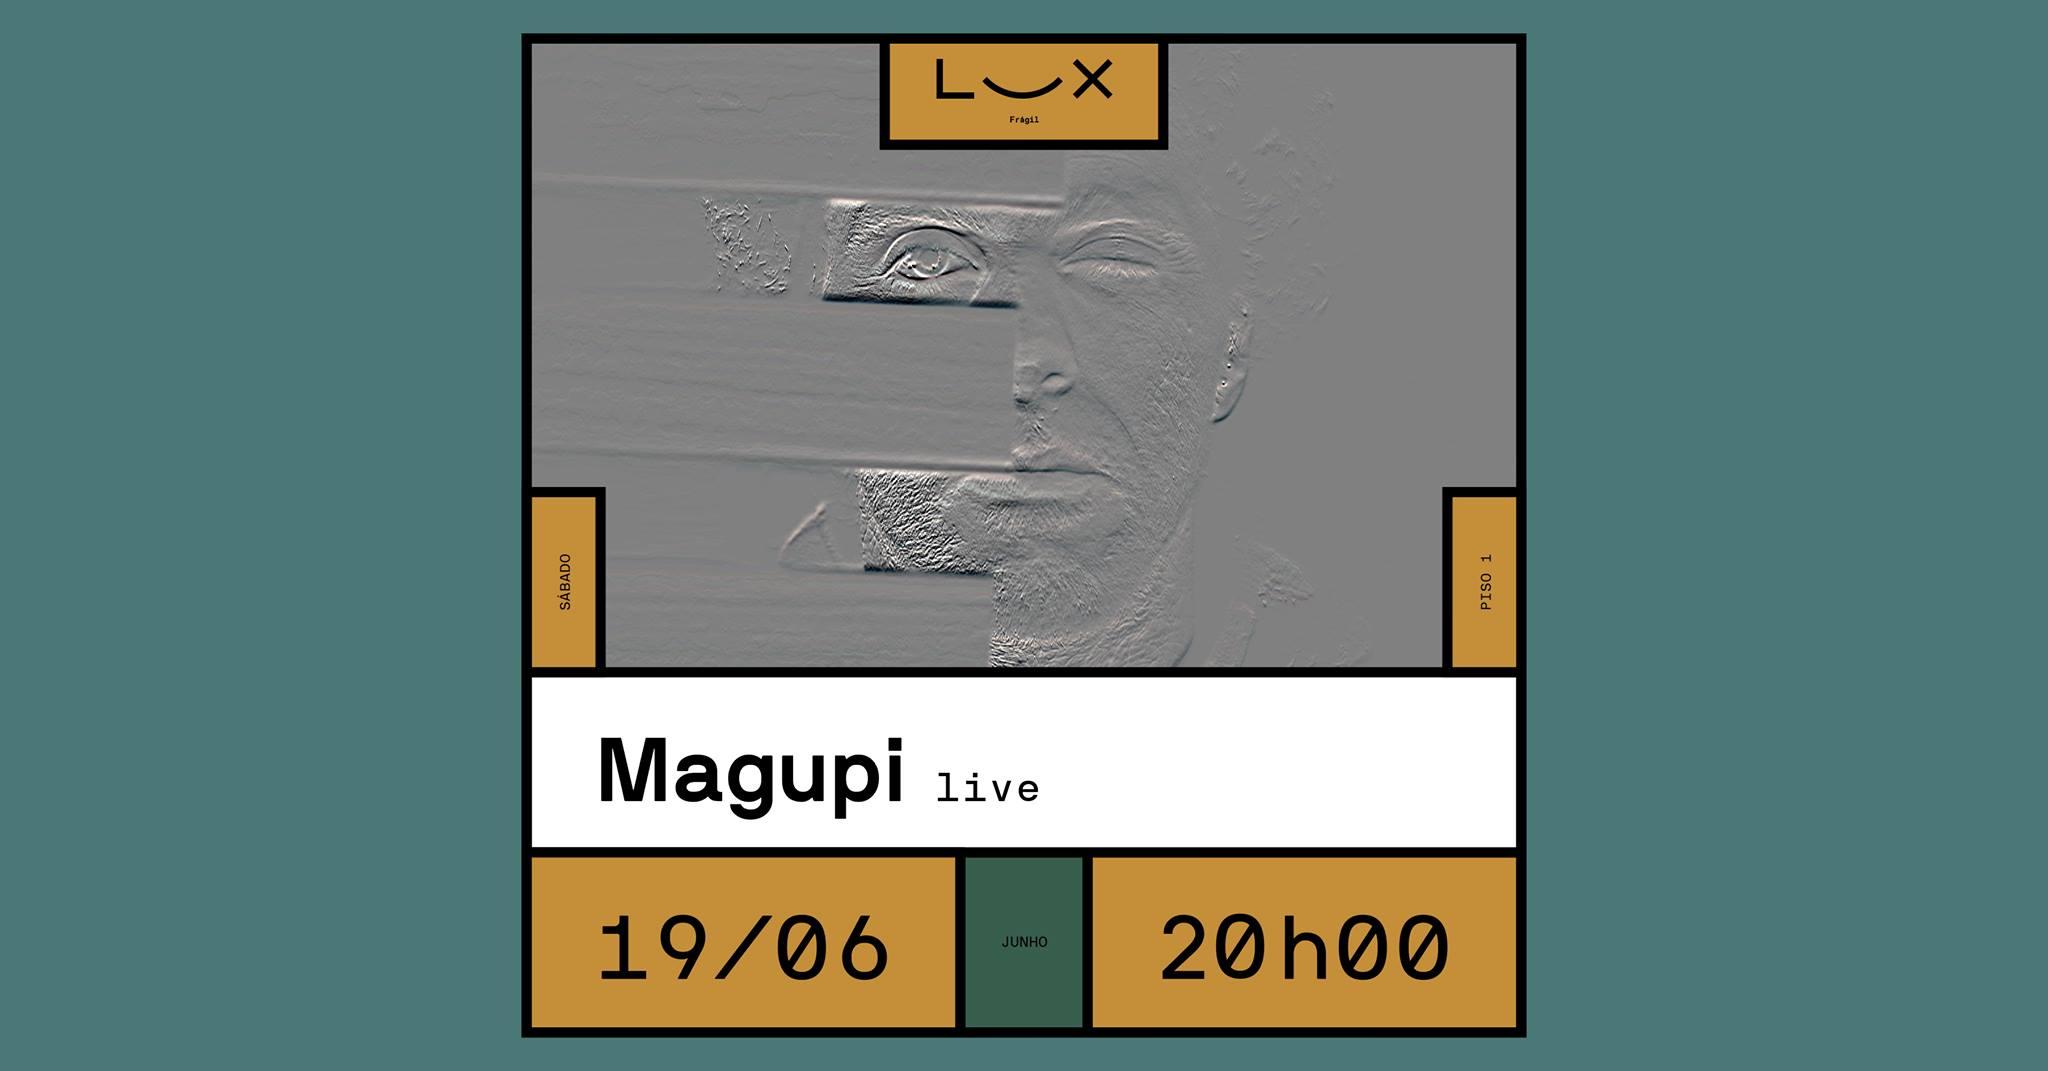 Magupi